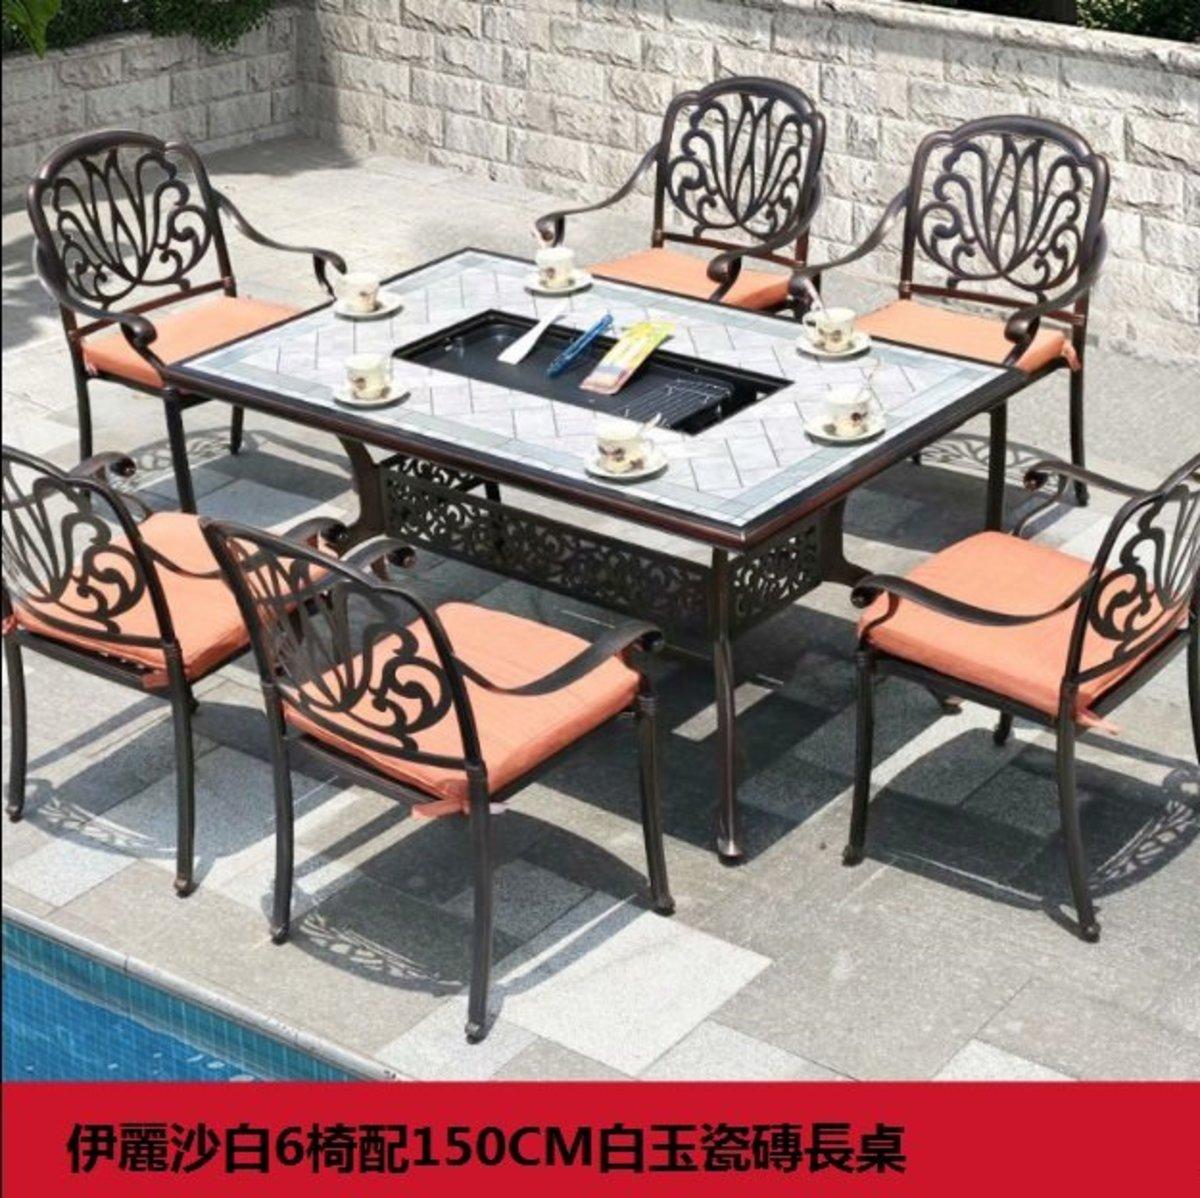 歐式鐵藝防水防曬桌椅(伊麗沙白6椅配150CM白玉瓷磚長桌)